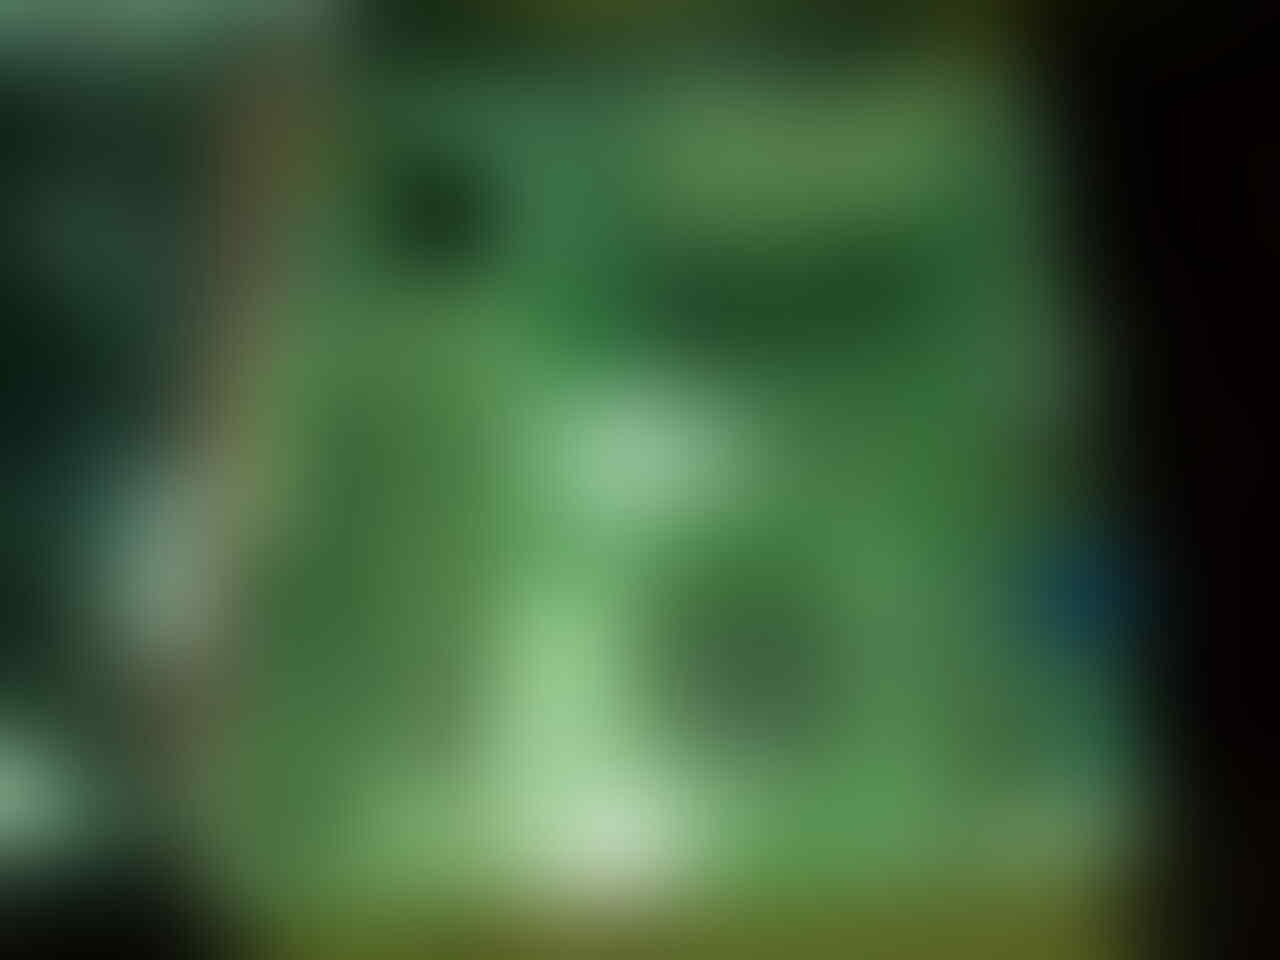 Mobo G31 dan G41 Banyak Harga Bakul Cocok buat PES [Semarang]